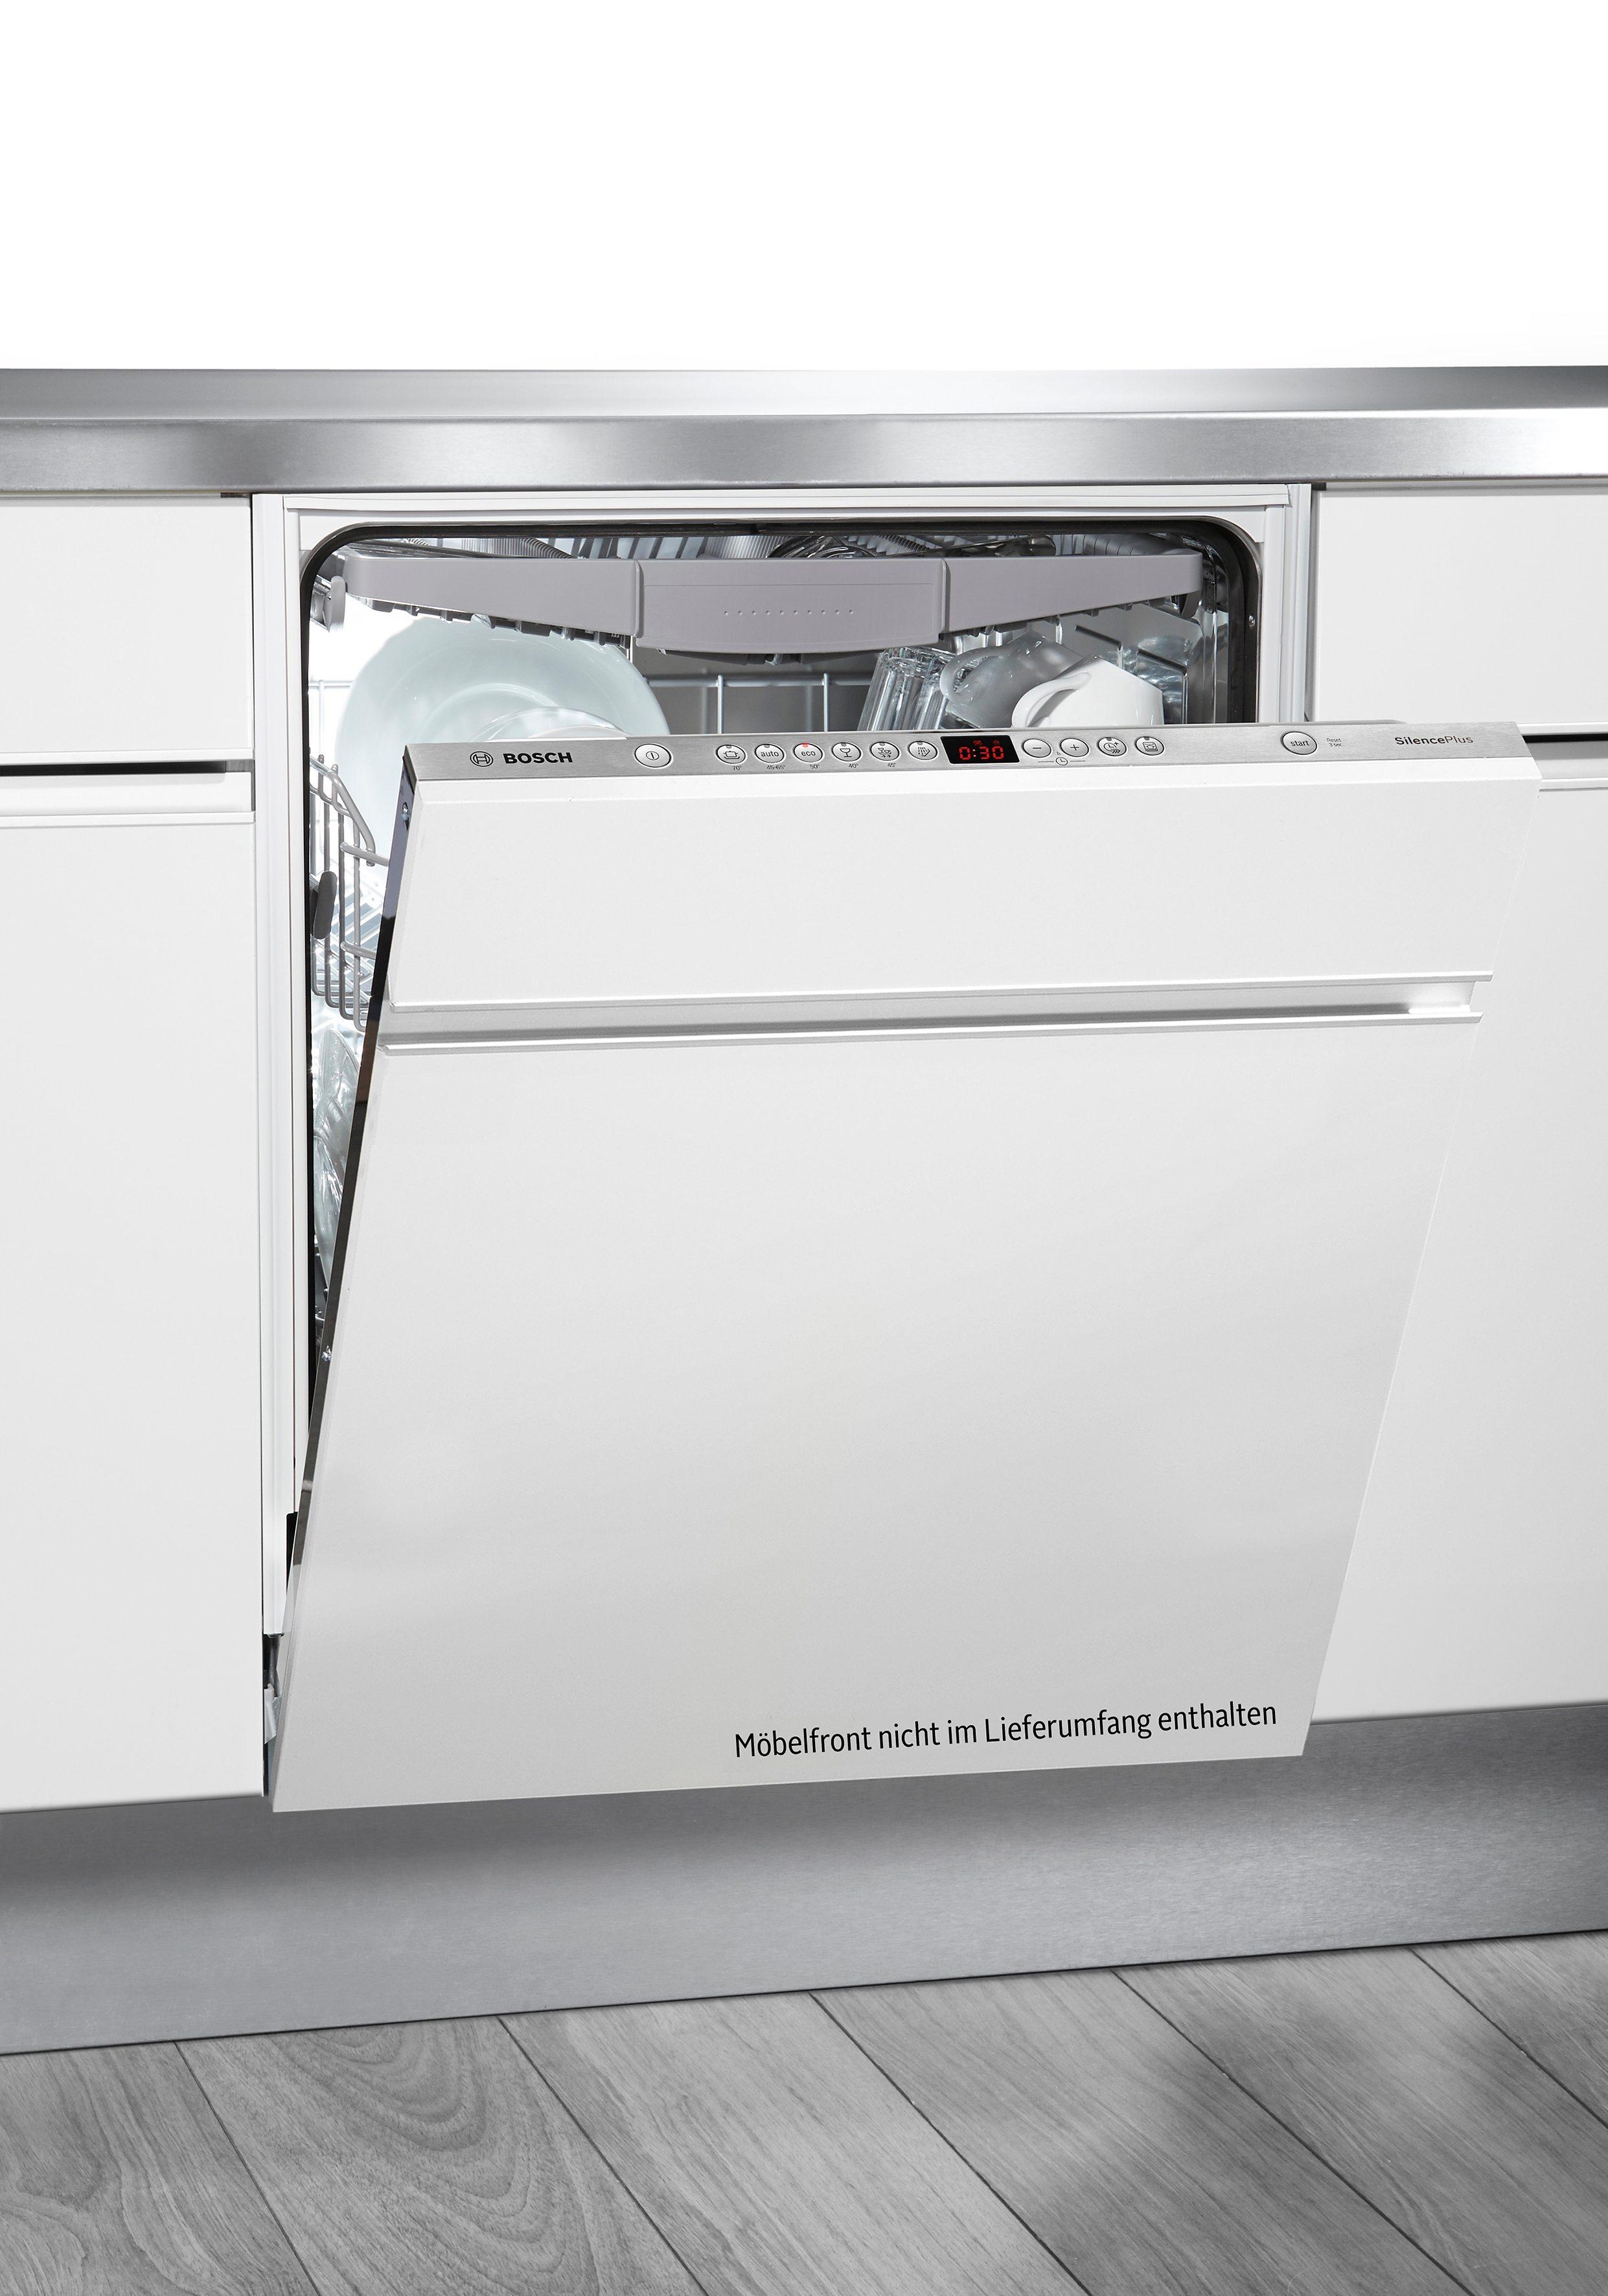 Bosch Vollintegrierter Einbaugeschirrspüler SMV68L00EU, A++, 10Liter, 13 Maßgedecke